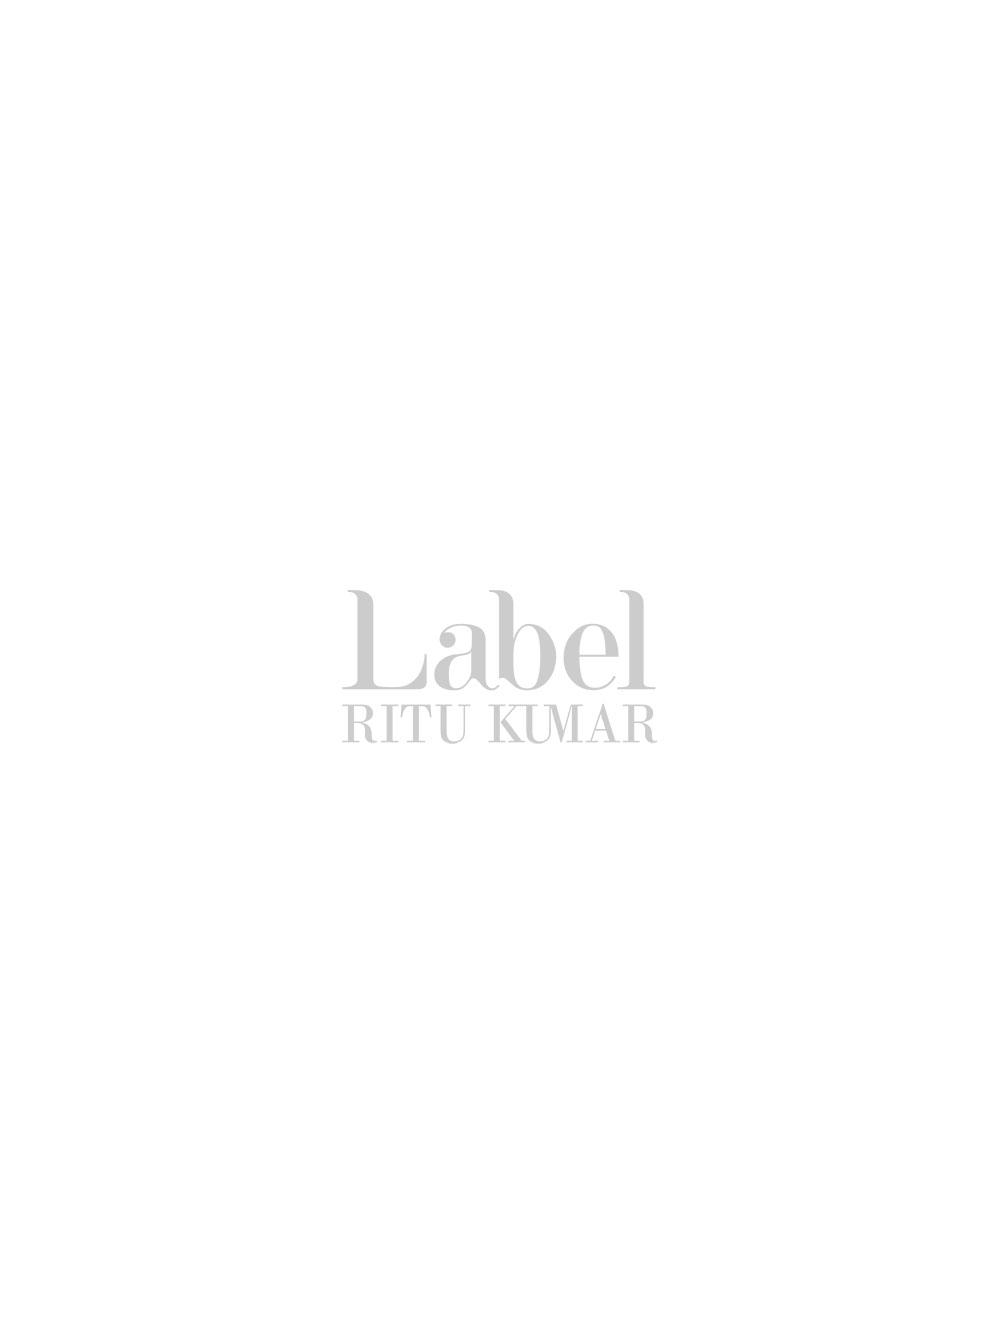 Indigo Long Dress in Signature Label Ritu Kumar Print